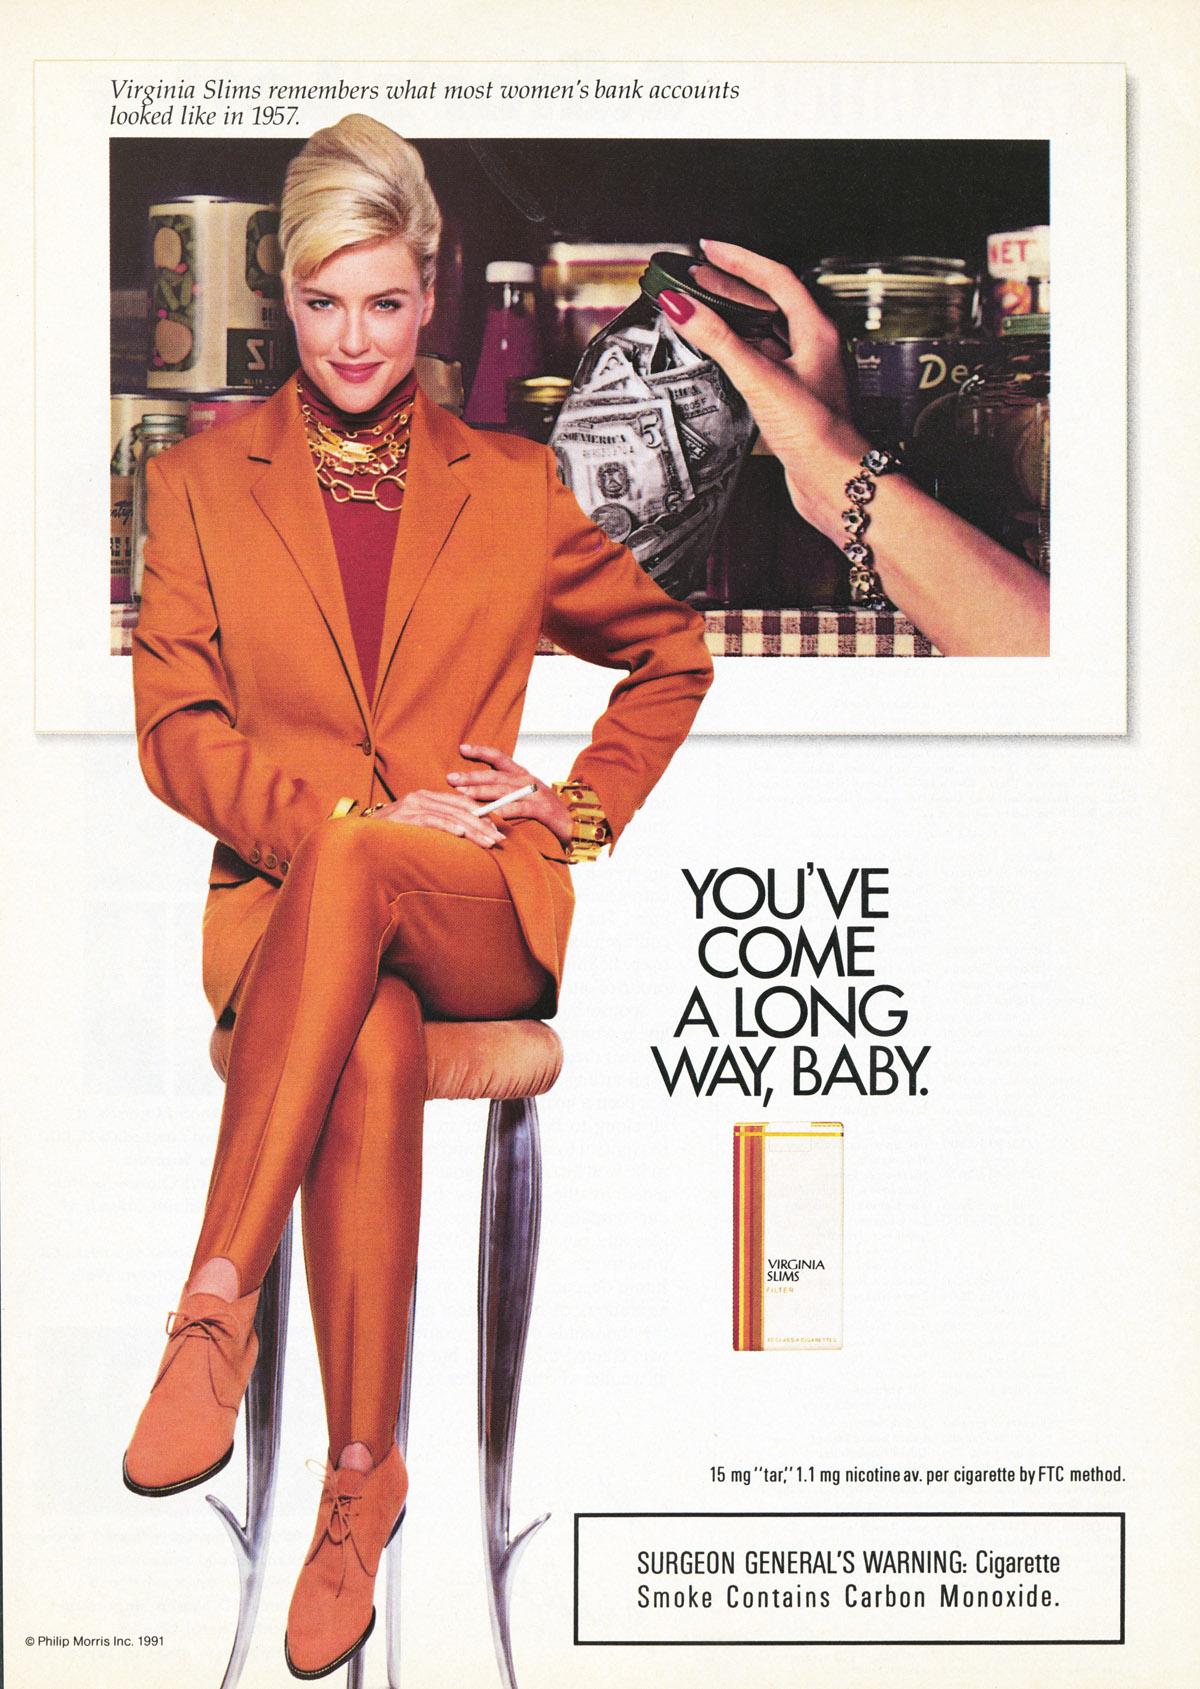 Com cigarro a mulher podia chegar mais longe, dizia este anúncio.